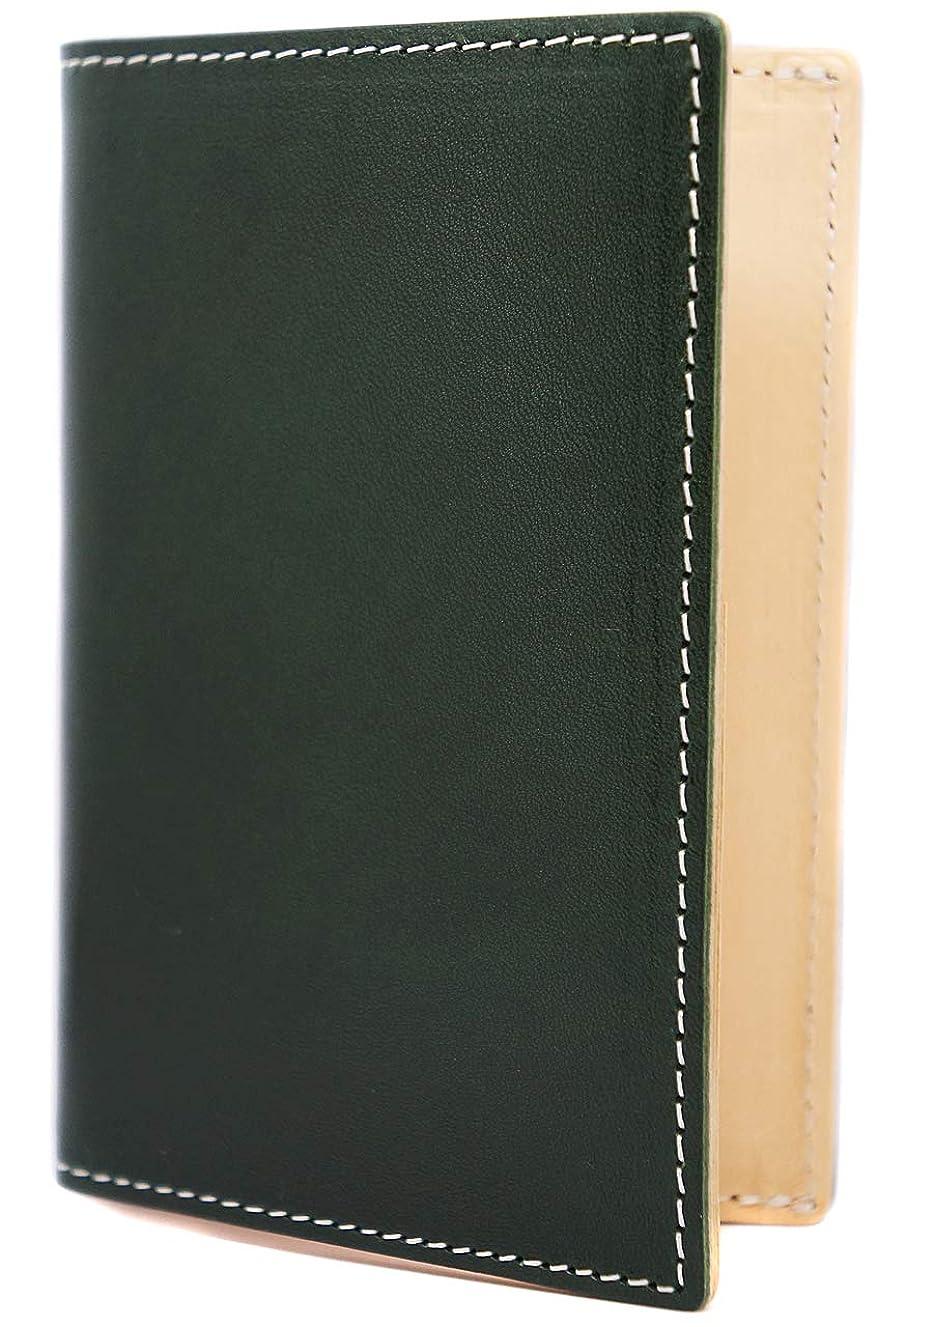 小麦粉構築する膨らみ[High-end] 極上イタリアンレザー 名刺入れ カードケース 大容量 バイカラー ME0311_d